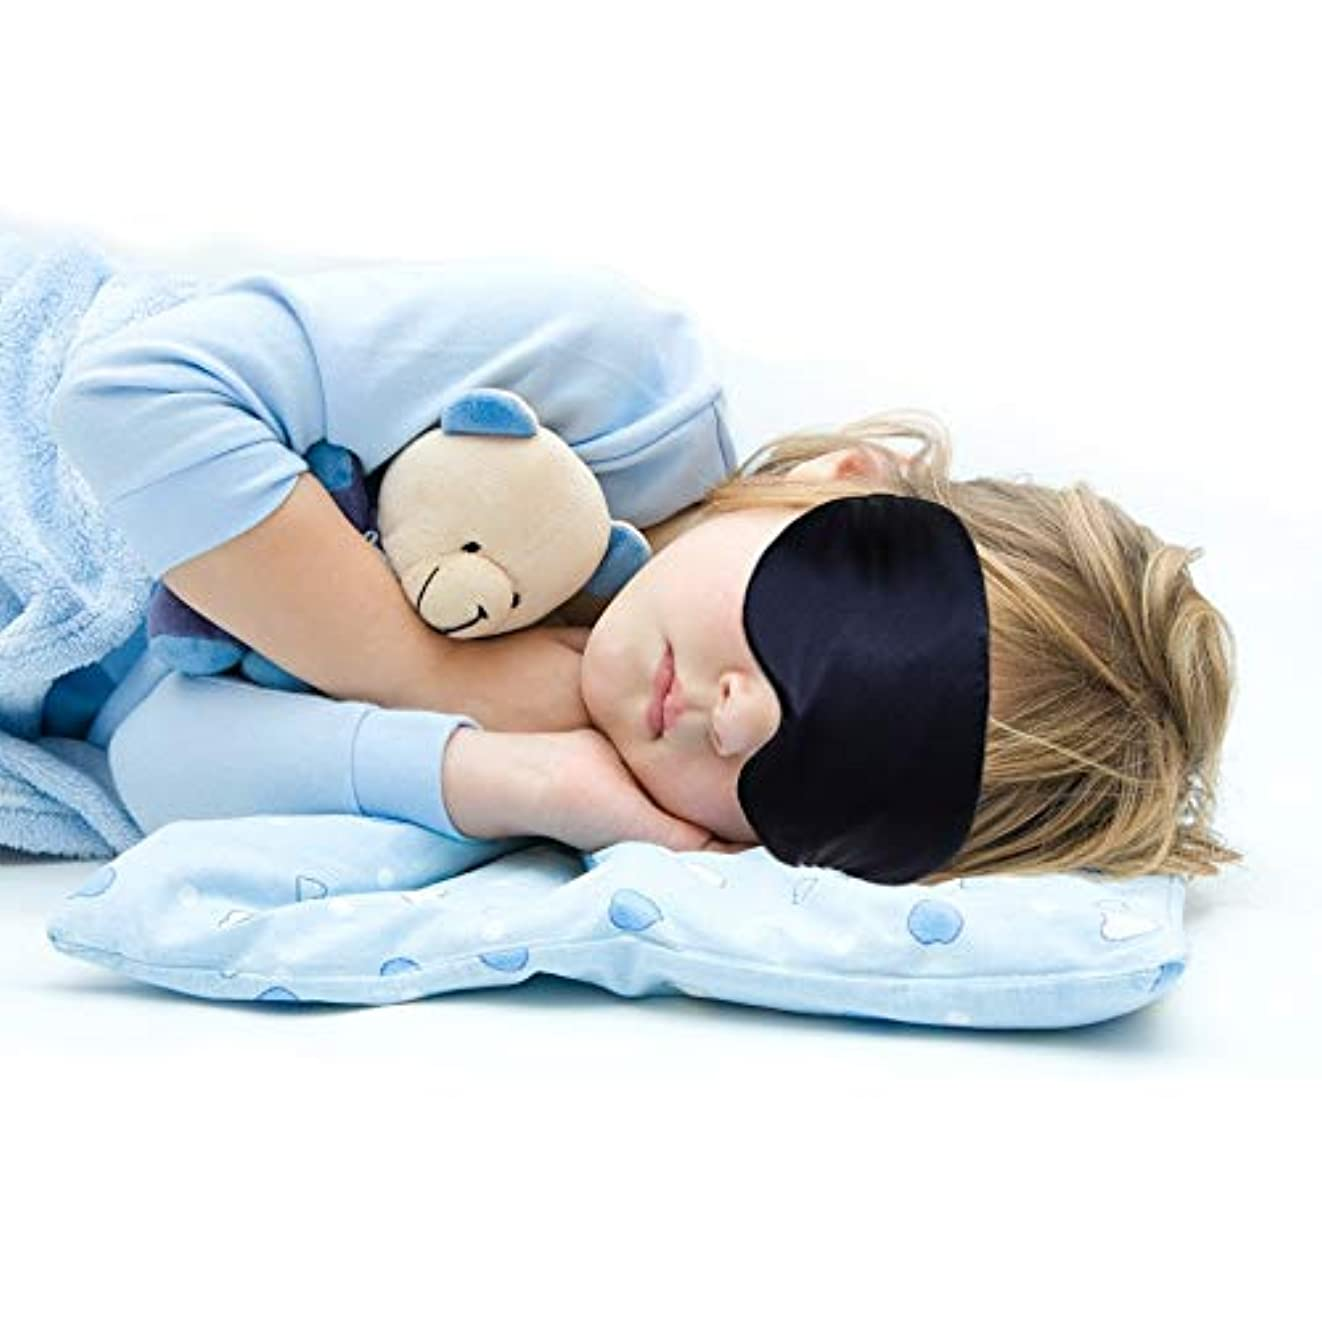 大学院野球頑張るNOTE 子供たちは睡眠休息睡眠補助アイマスクアイシェードカバーコンフォート健康目隠しシールド旅行アイケア美容ツール調整